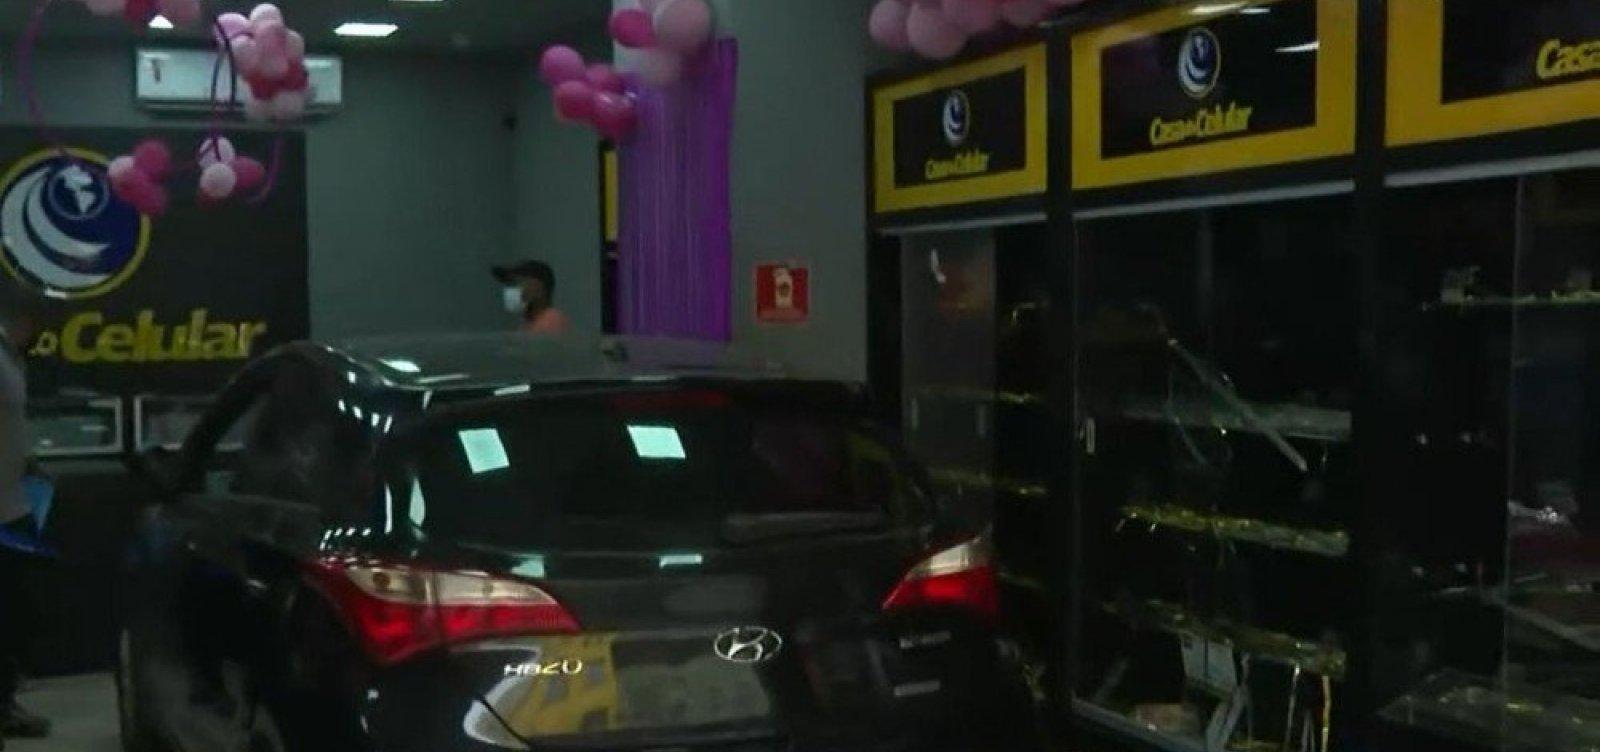 Bandidos usam carro para arrombar e roubar loja de eletrônicos na Liberdade